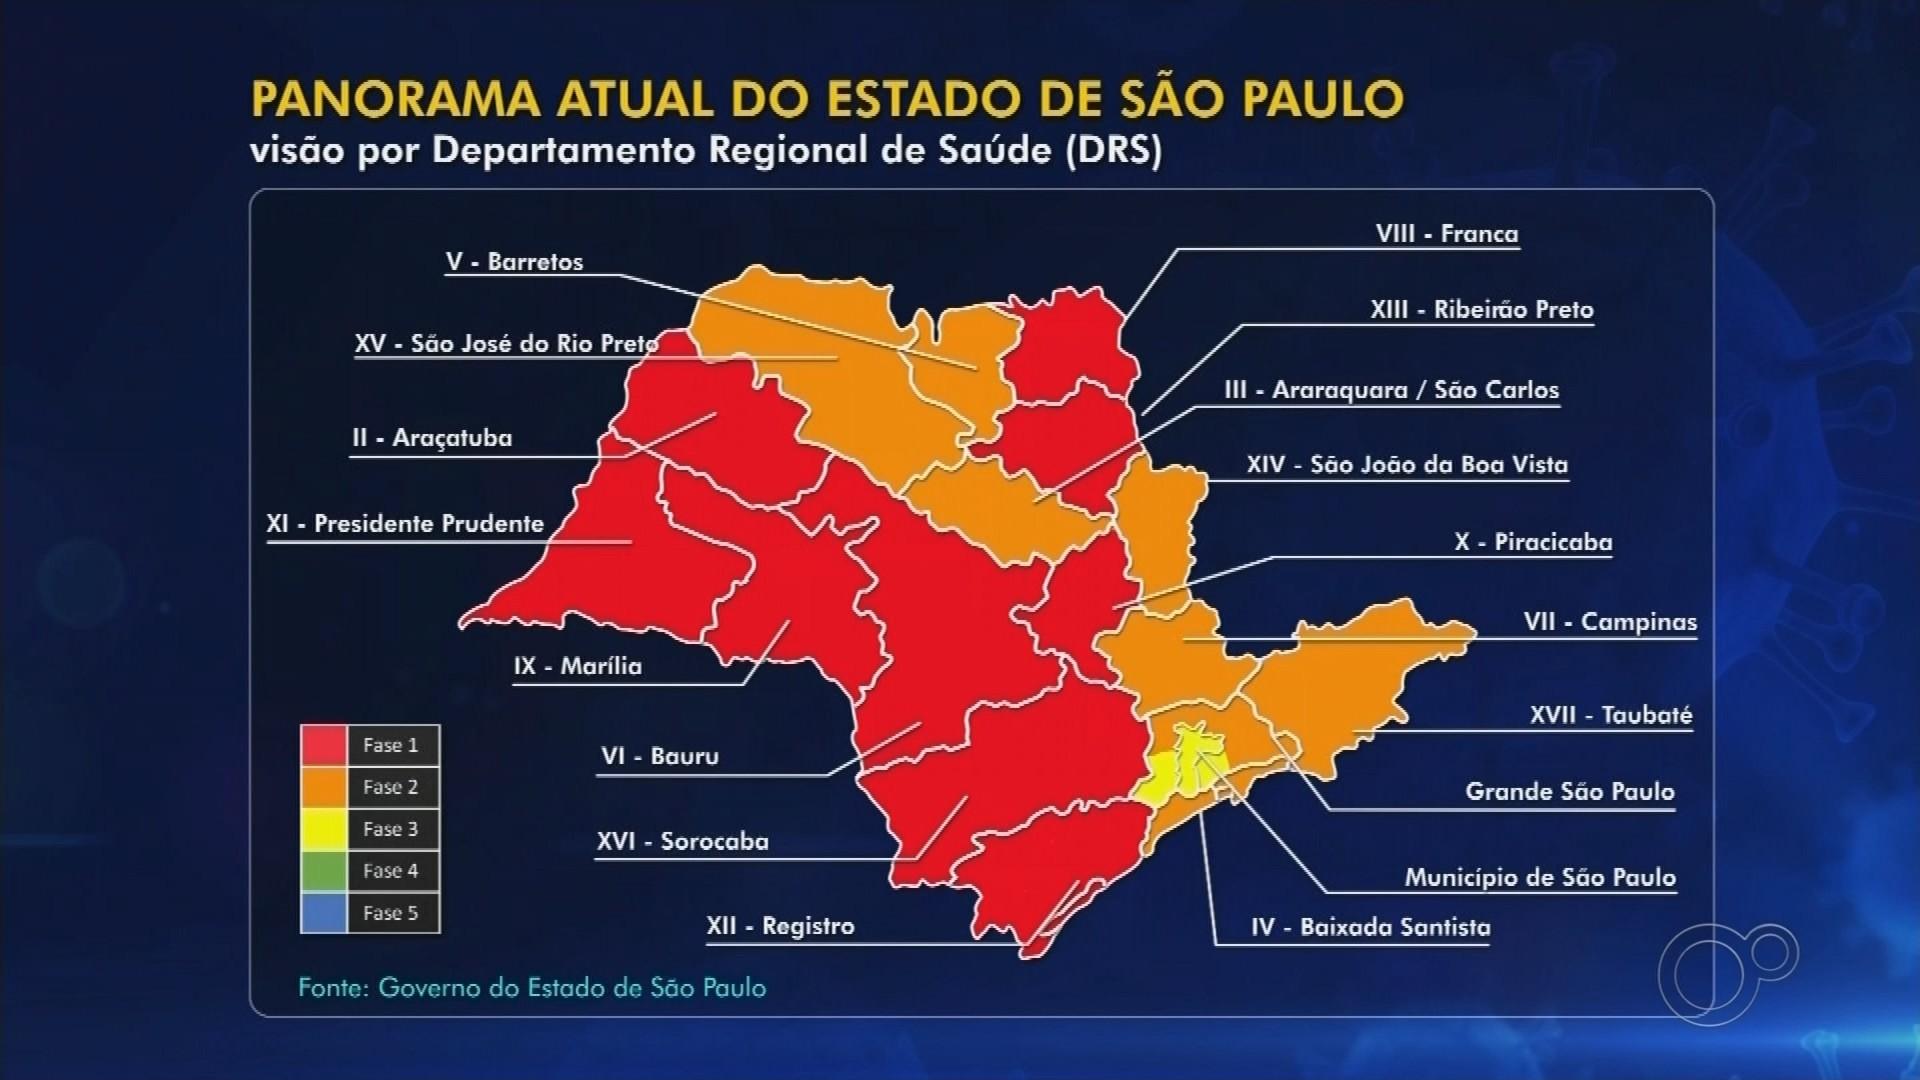 VÍDEOS: TEM Notícias 1ª edição de Rio Preto e Araçatuba deste sábado, 4 de julho